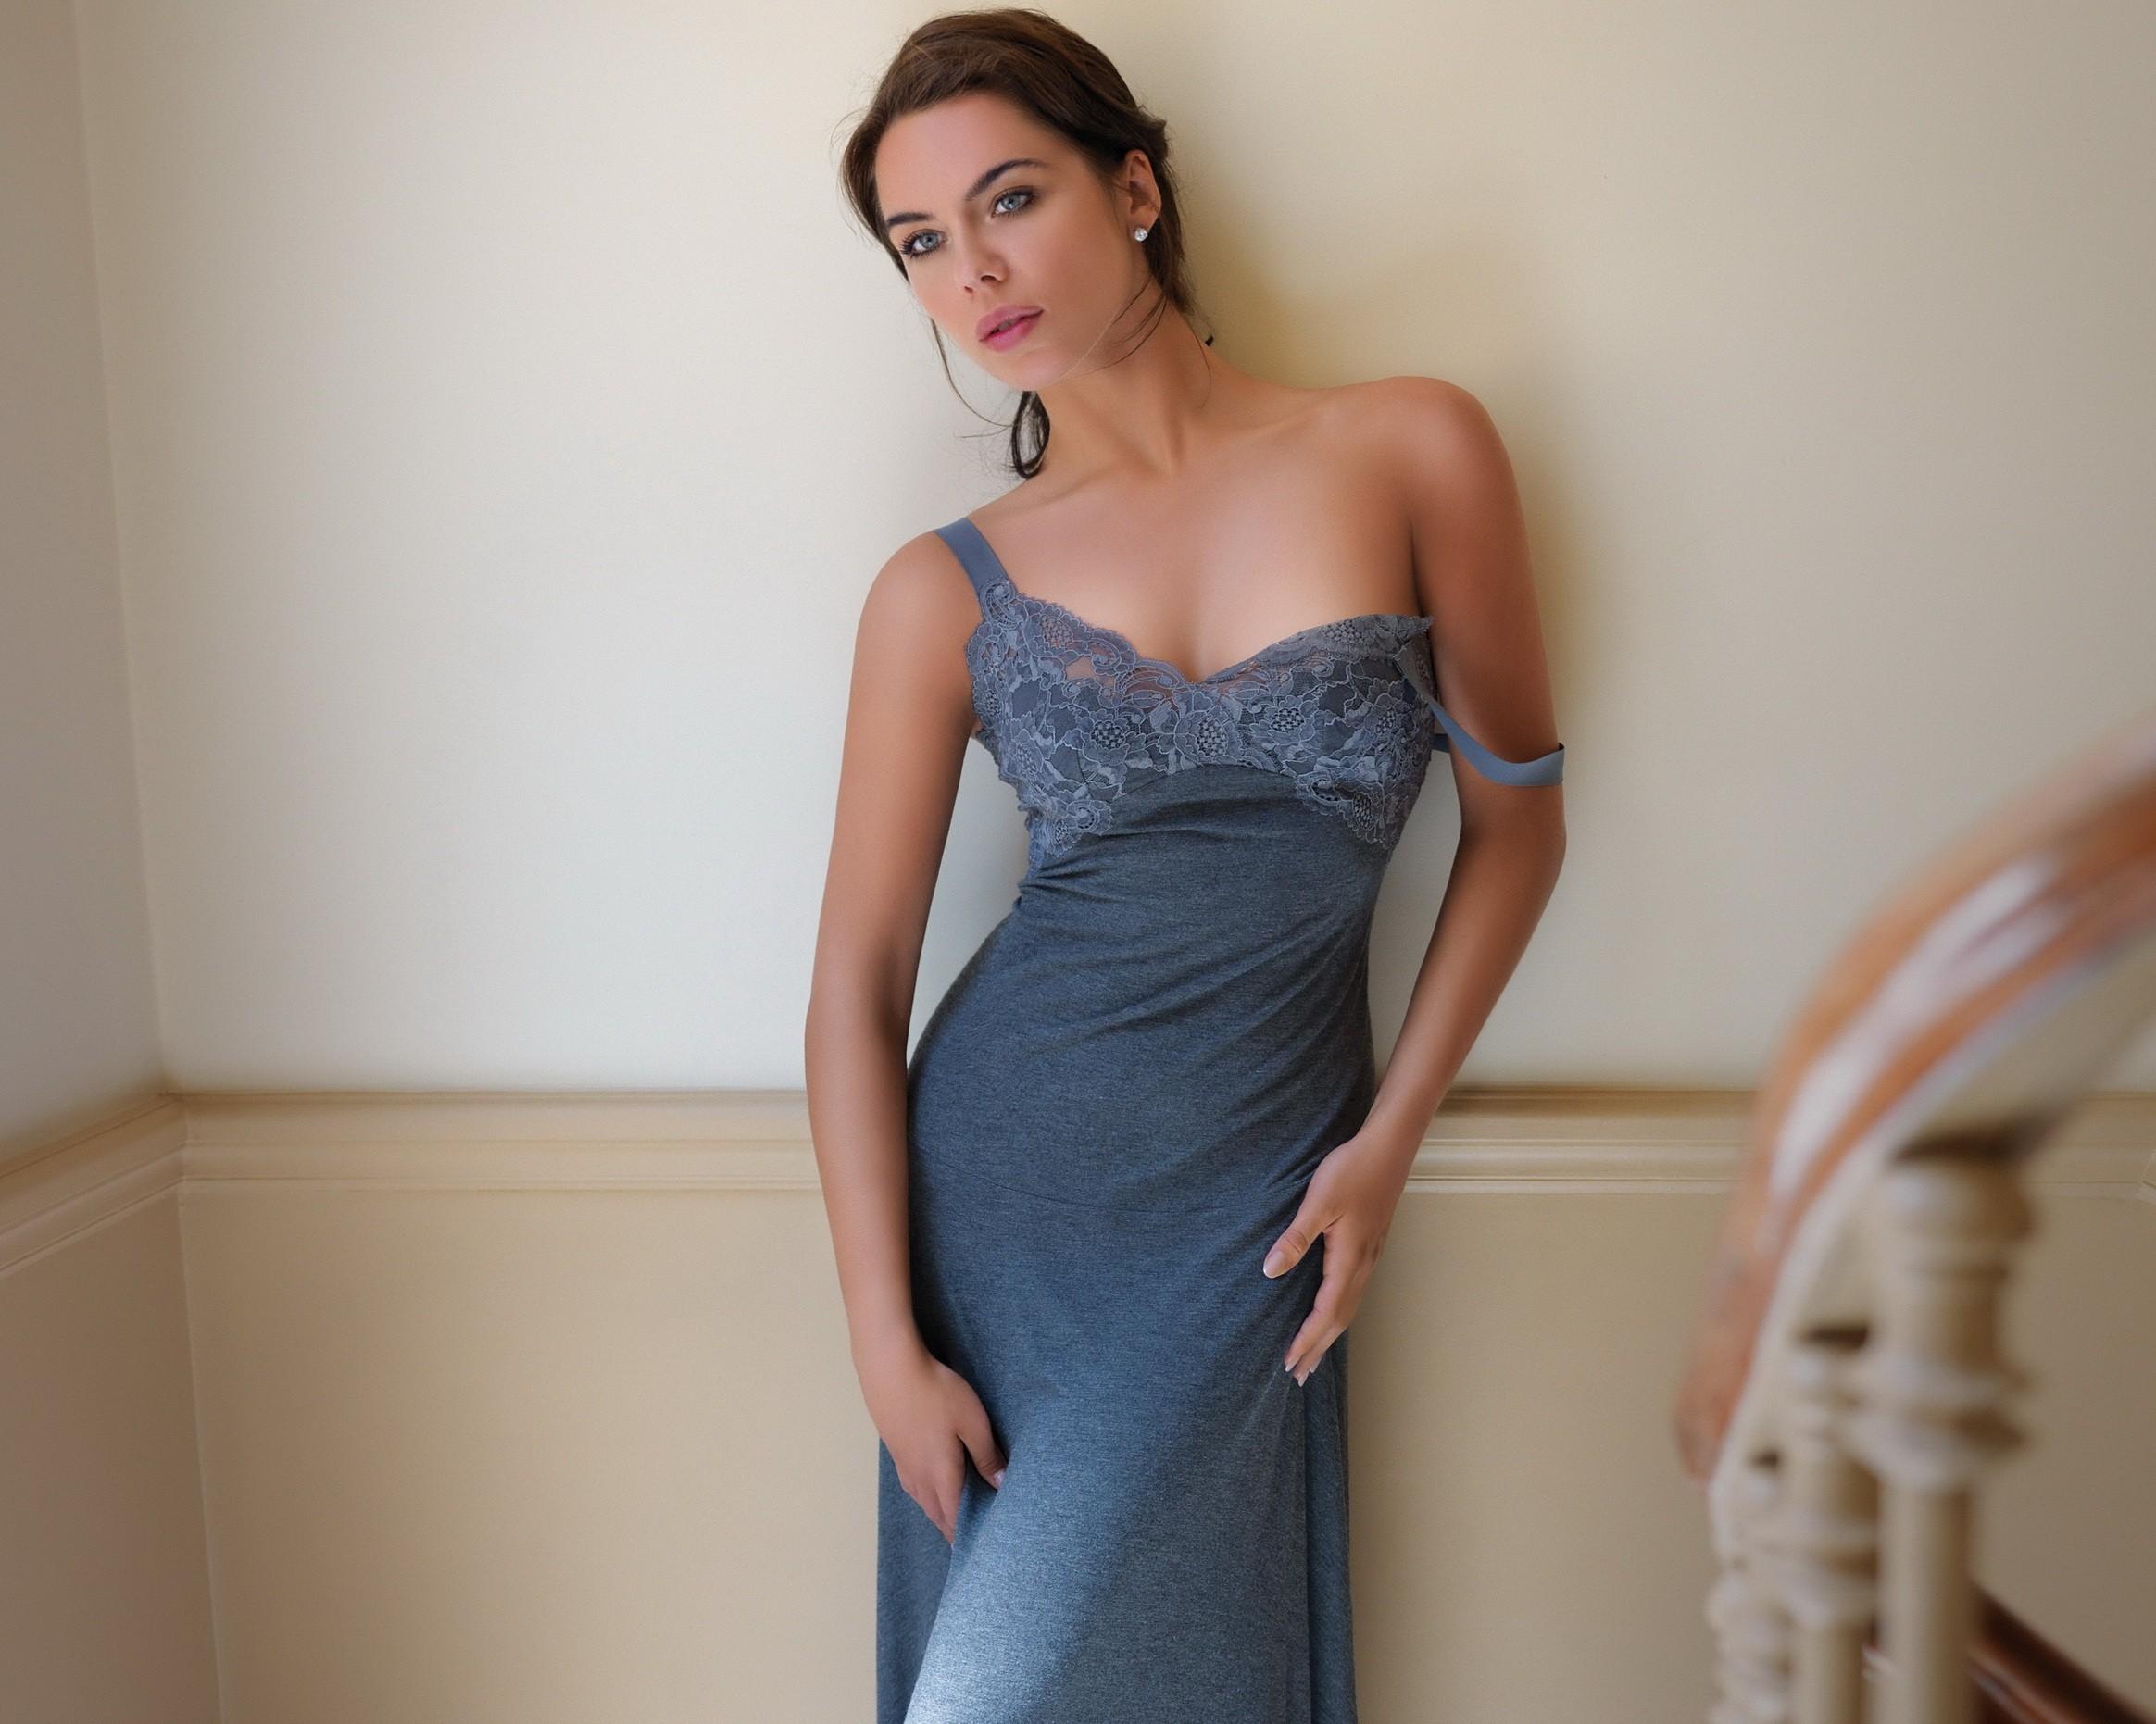 Hintergrundbilder : Frau, Modell-, Brünette, nackten Schultern ...